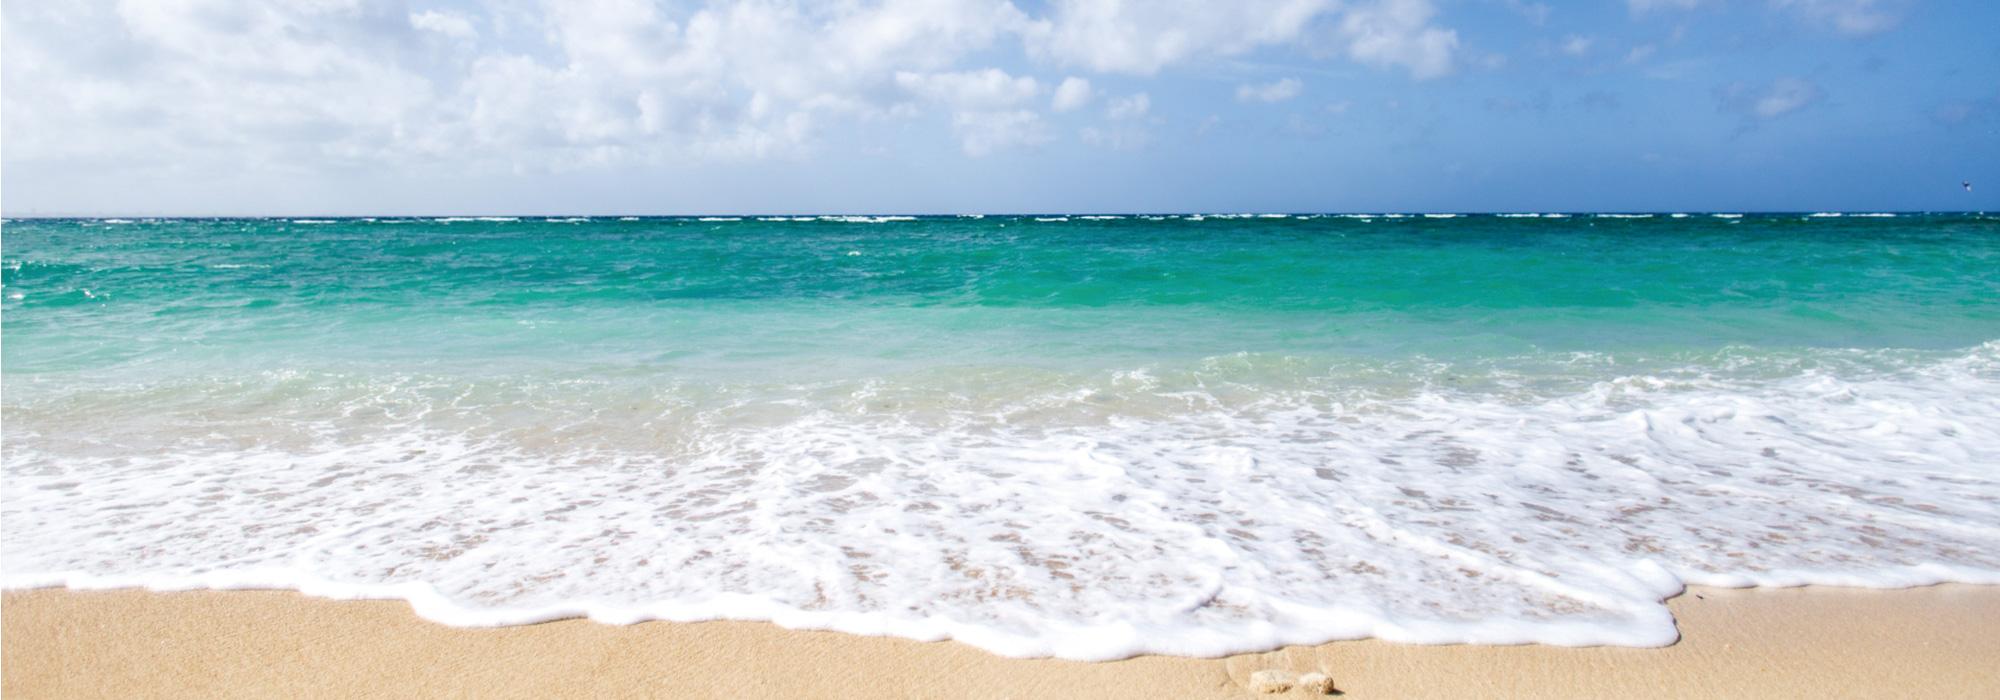 沖縄に進学を考えている皆様へ